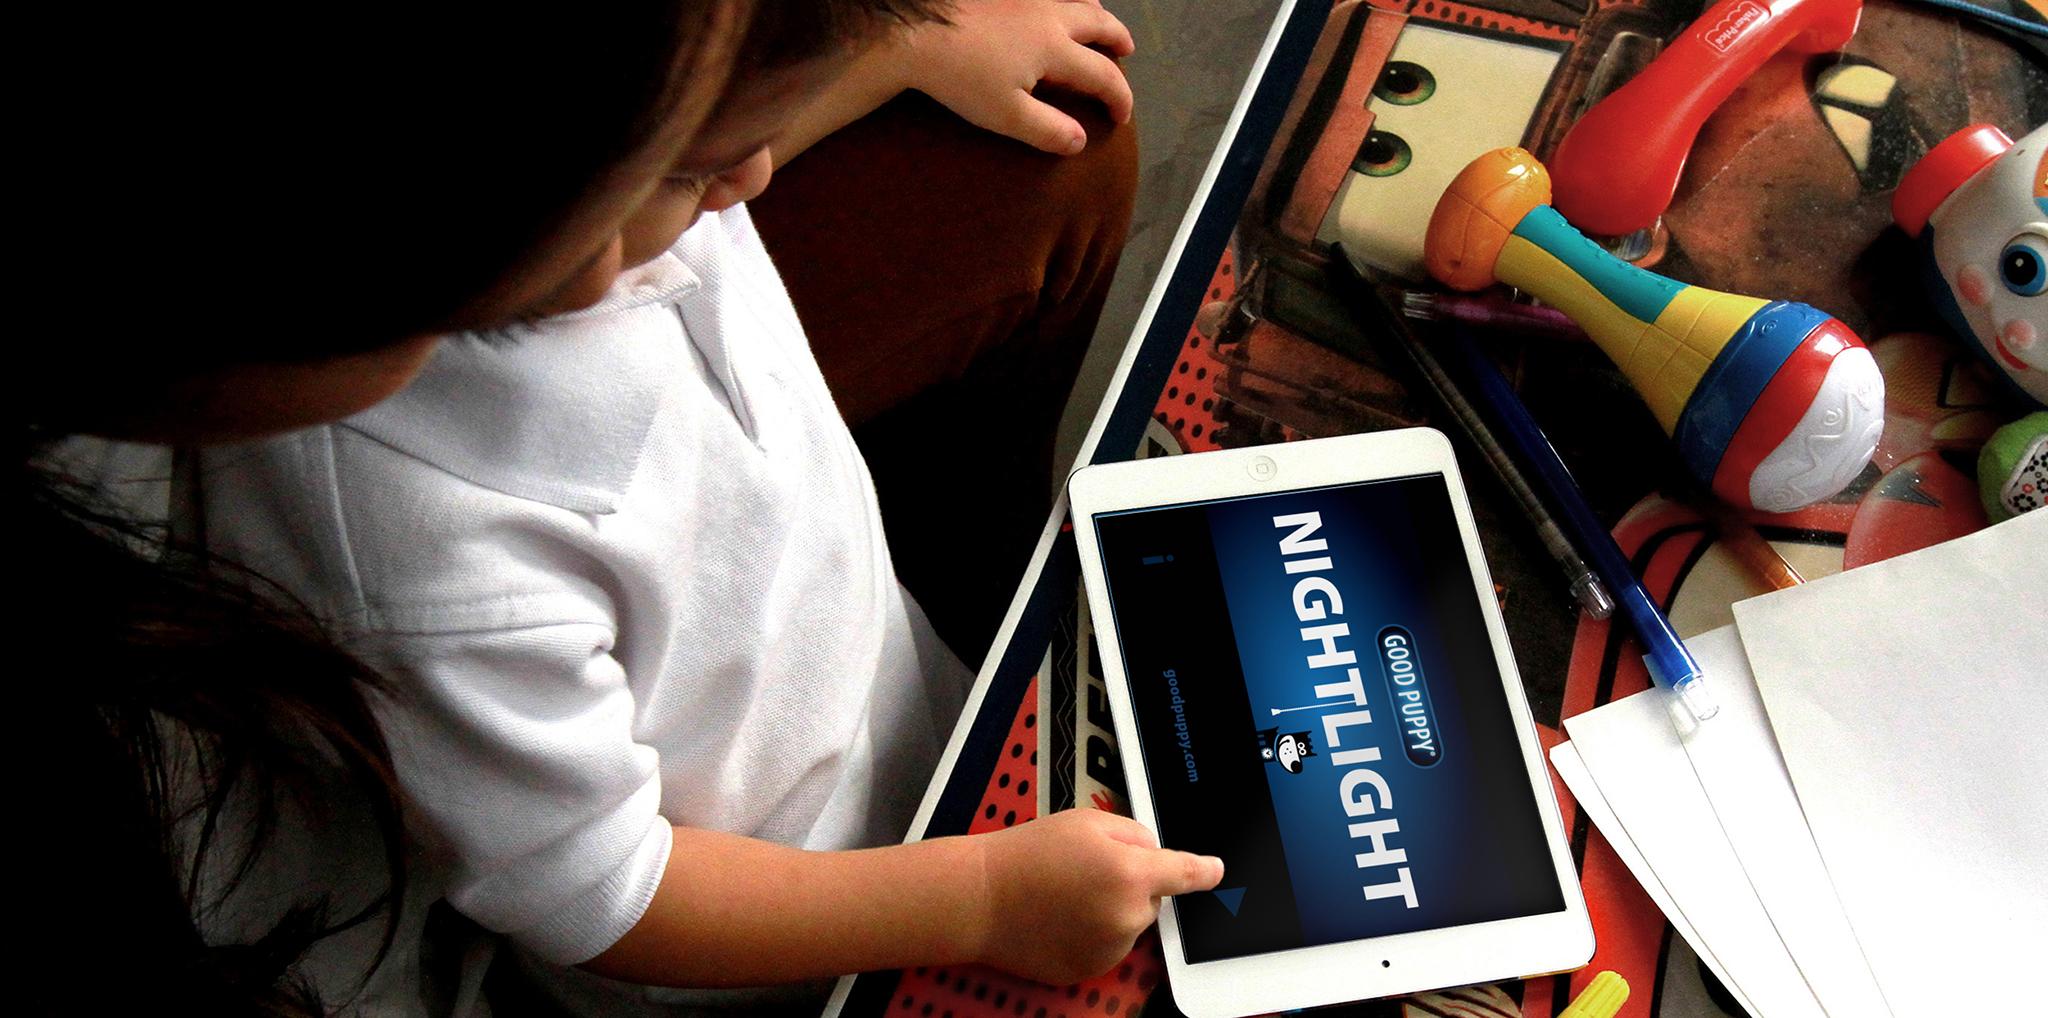 Night-Light-App-Kids-Bedtime-GOOD-PUPPY.jpg